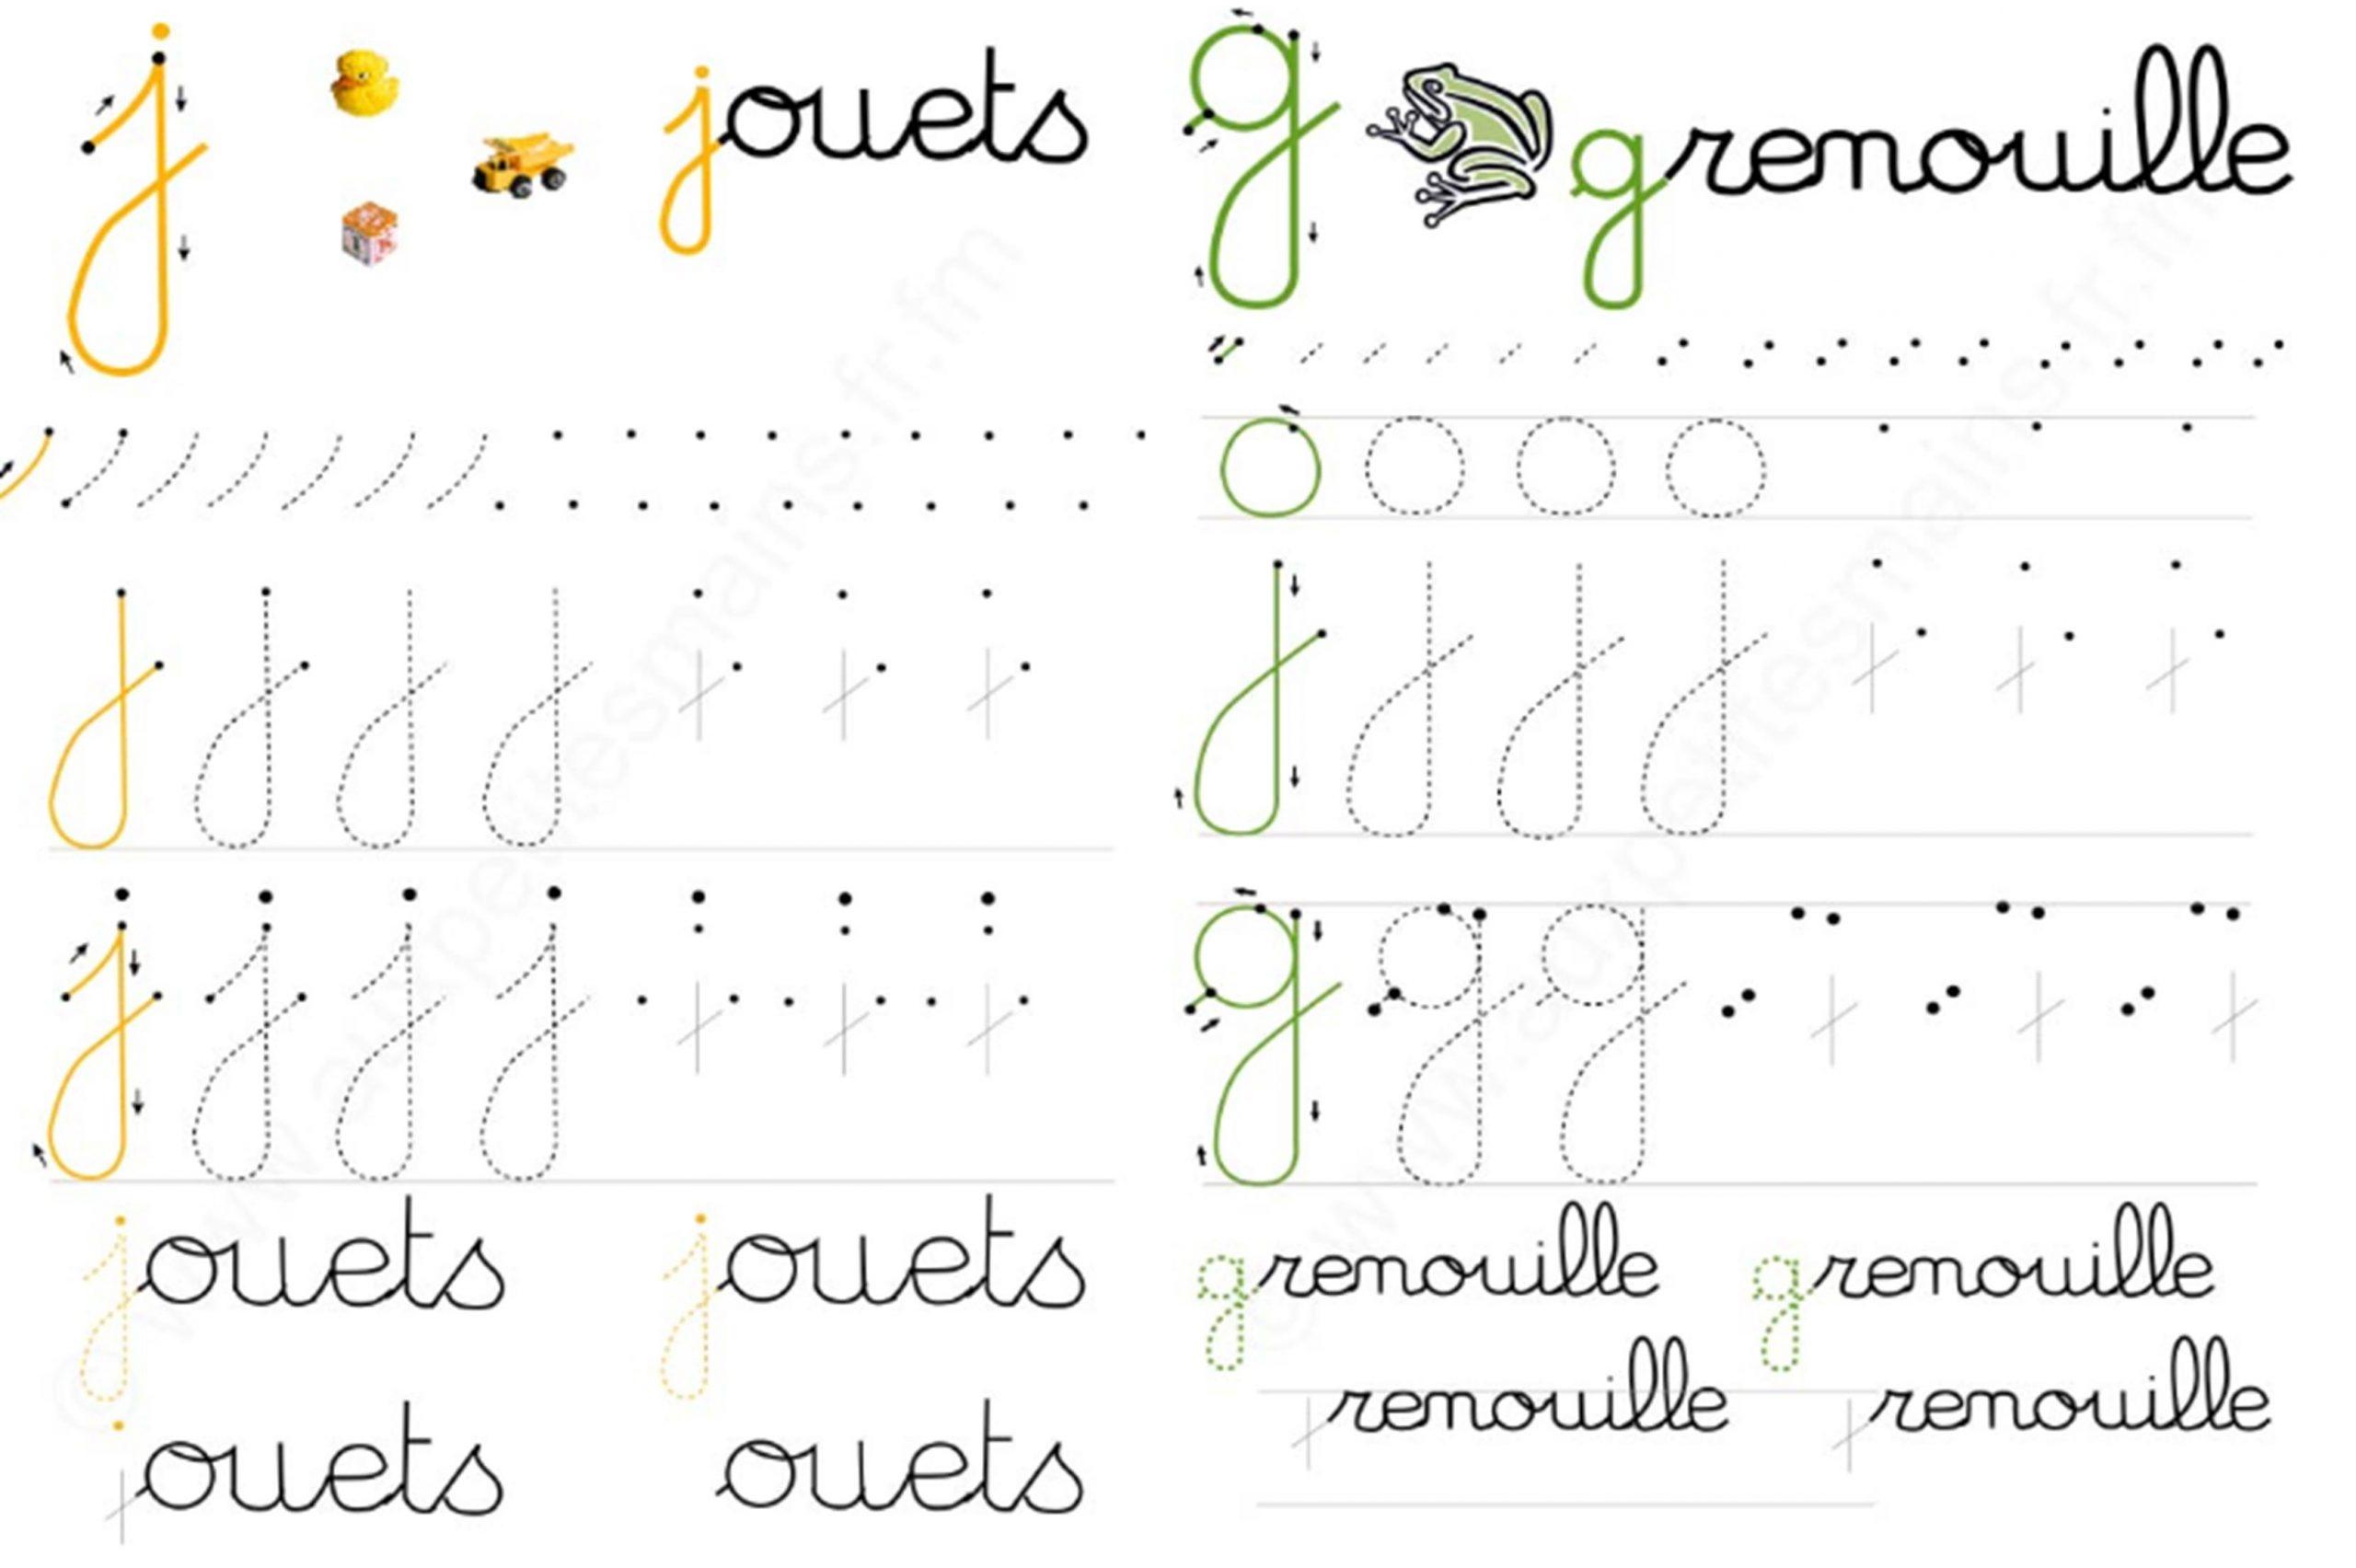 Fichier D'écriture Grande Section | Le Blog De Monsieur Mathieu dedans Ligne Écriture Gs